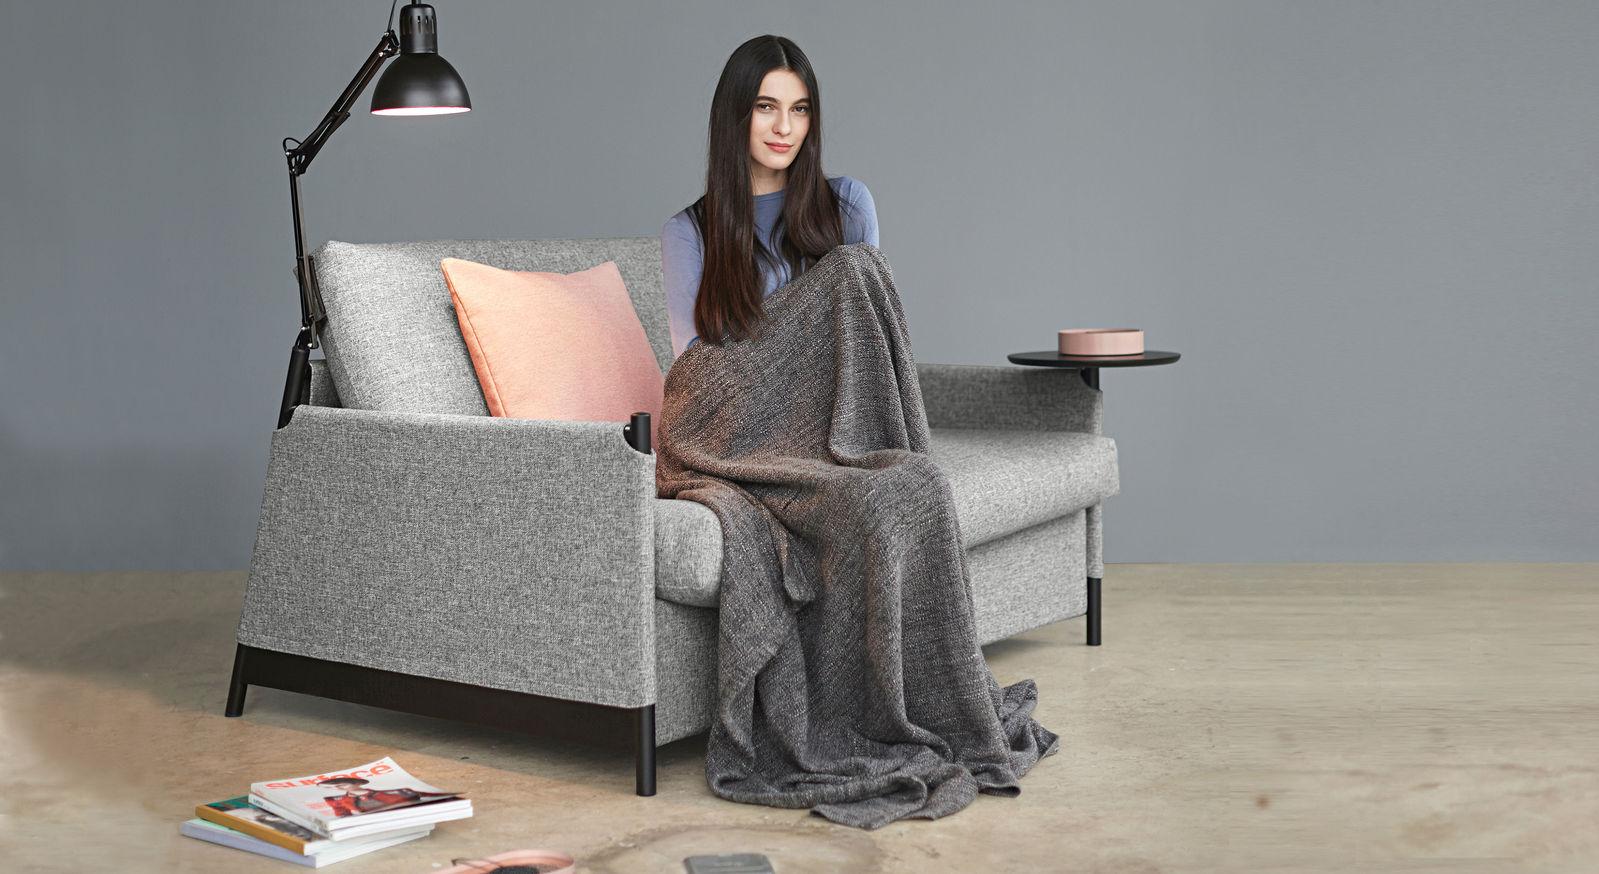 Schlafsofa Staines mit Stoffbezug aus granitfarbenem Twist